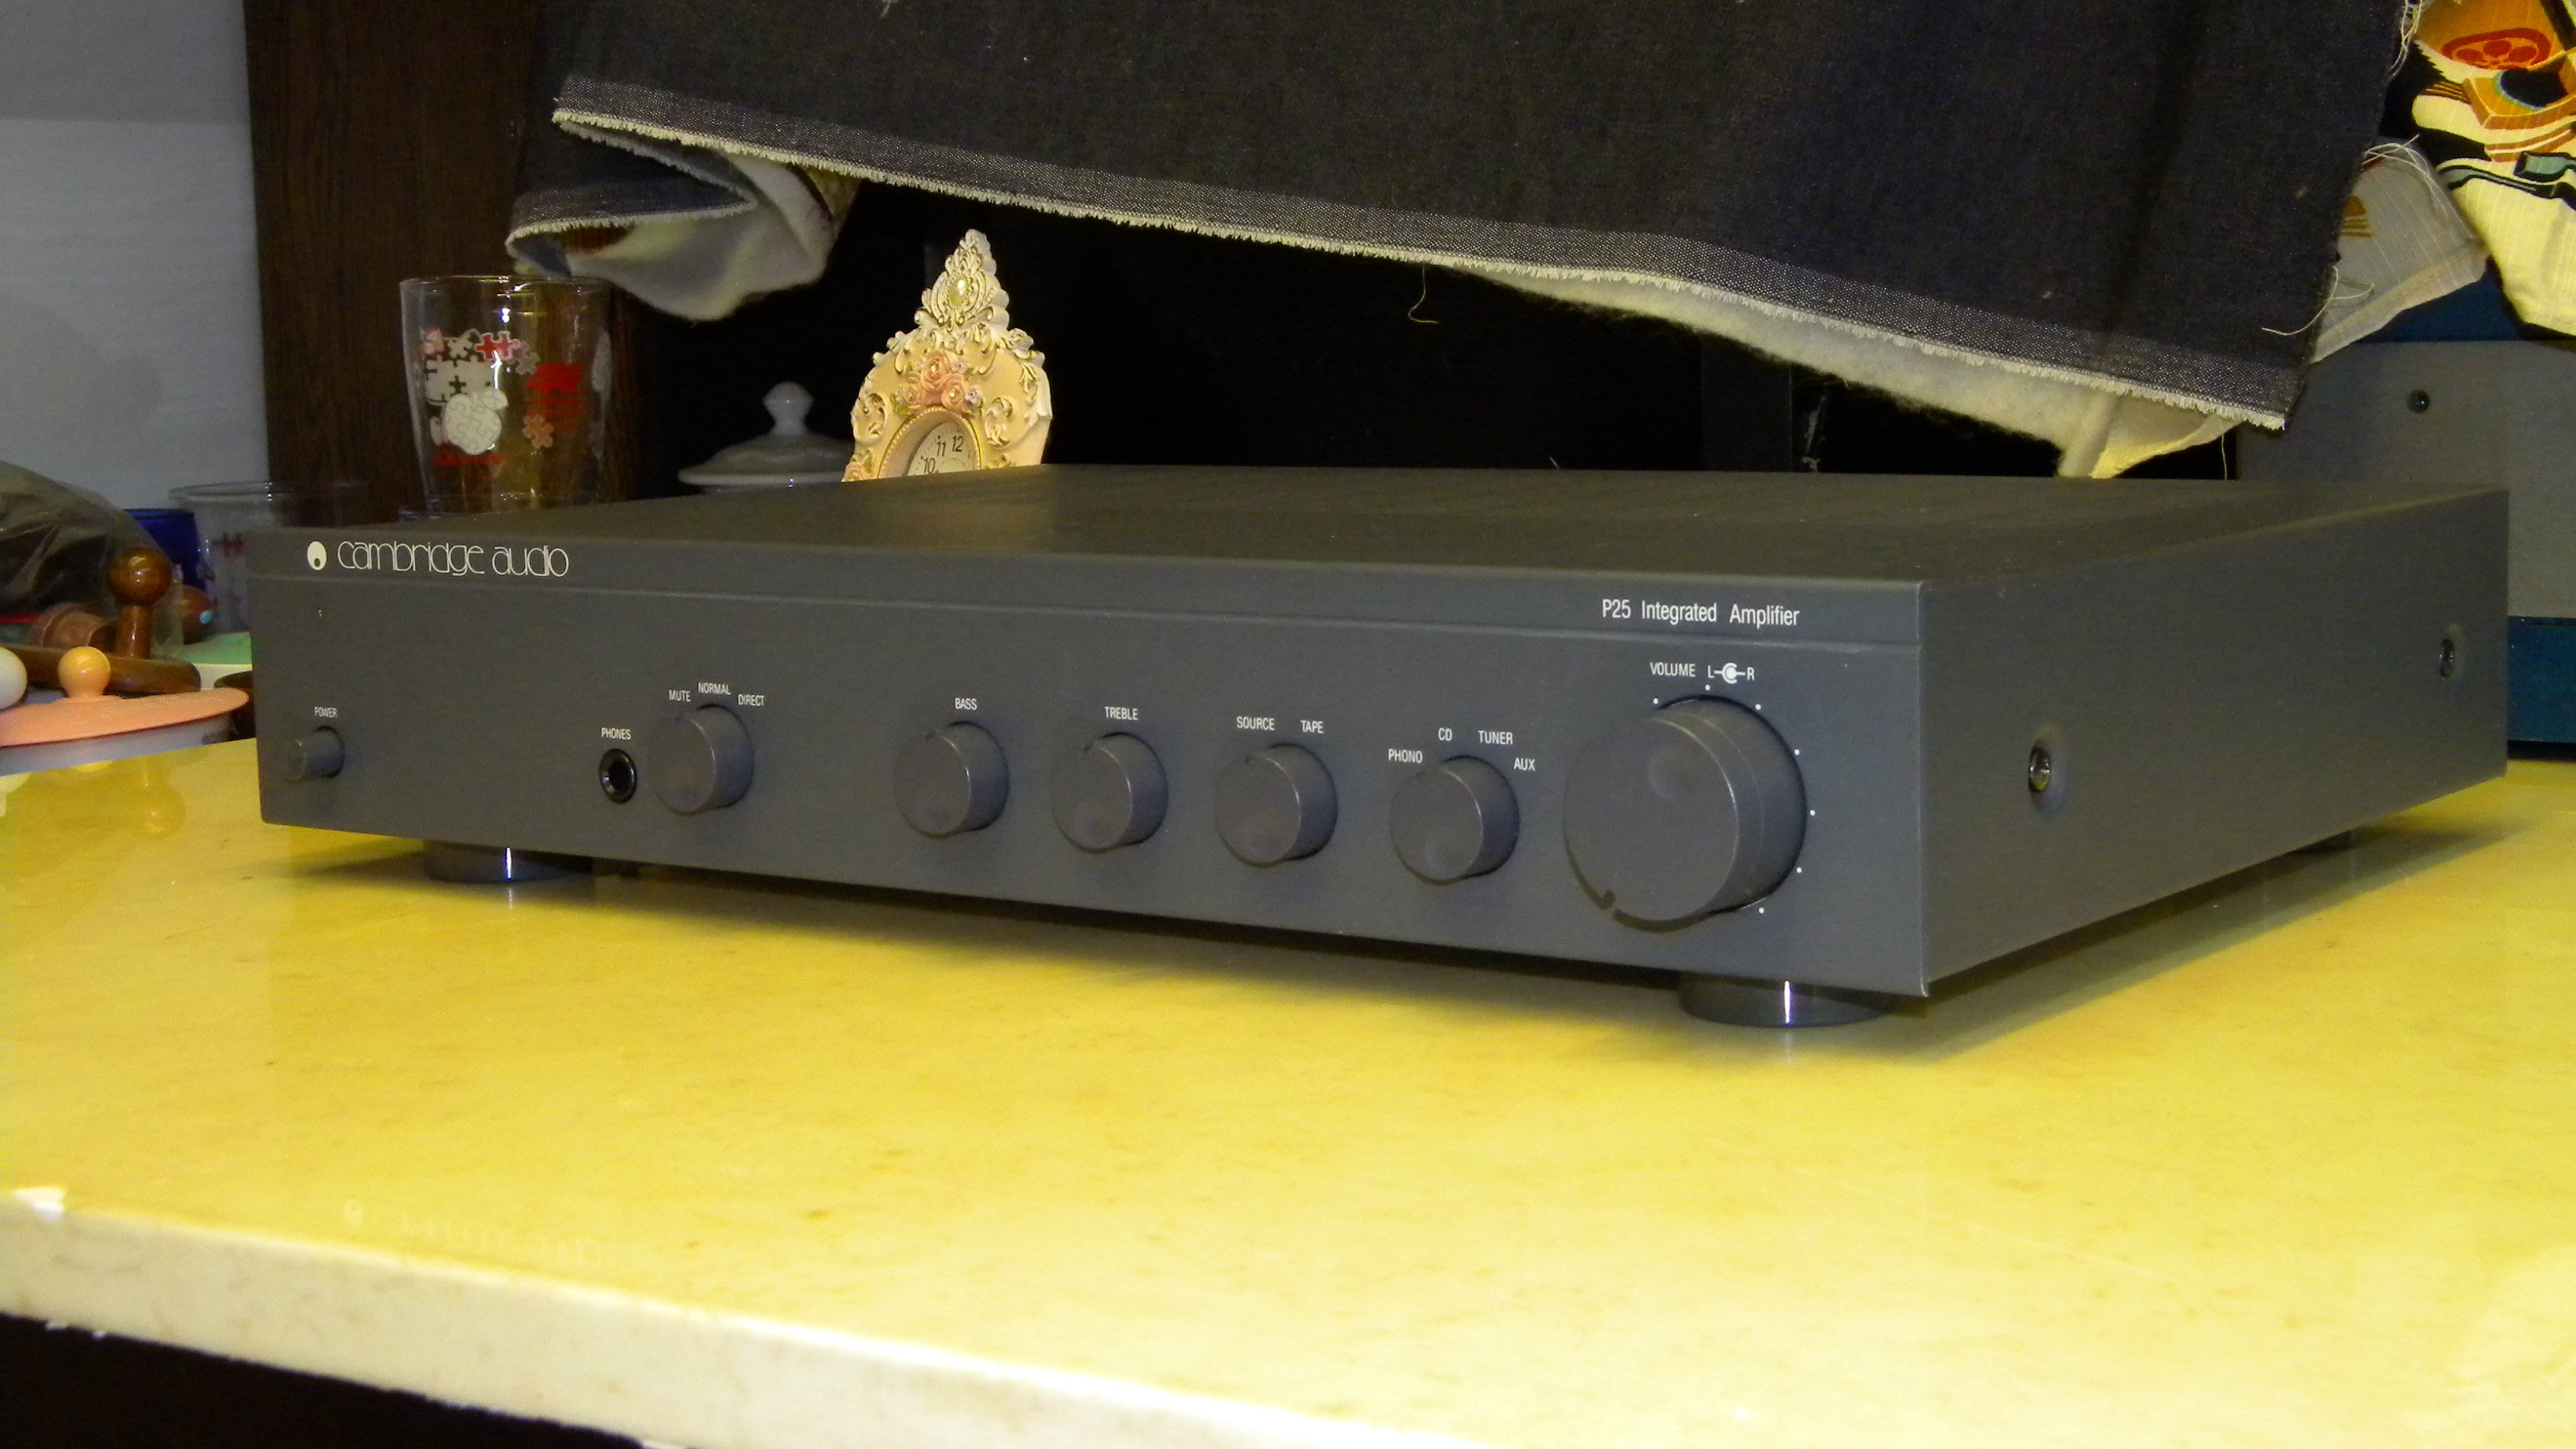 英國劍橋 Cambridge Audio P25 二聲道綜合擴大機